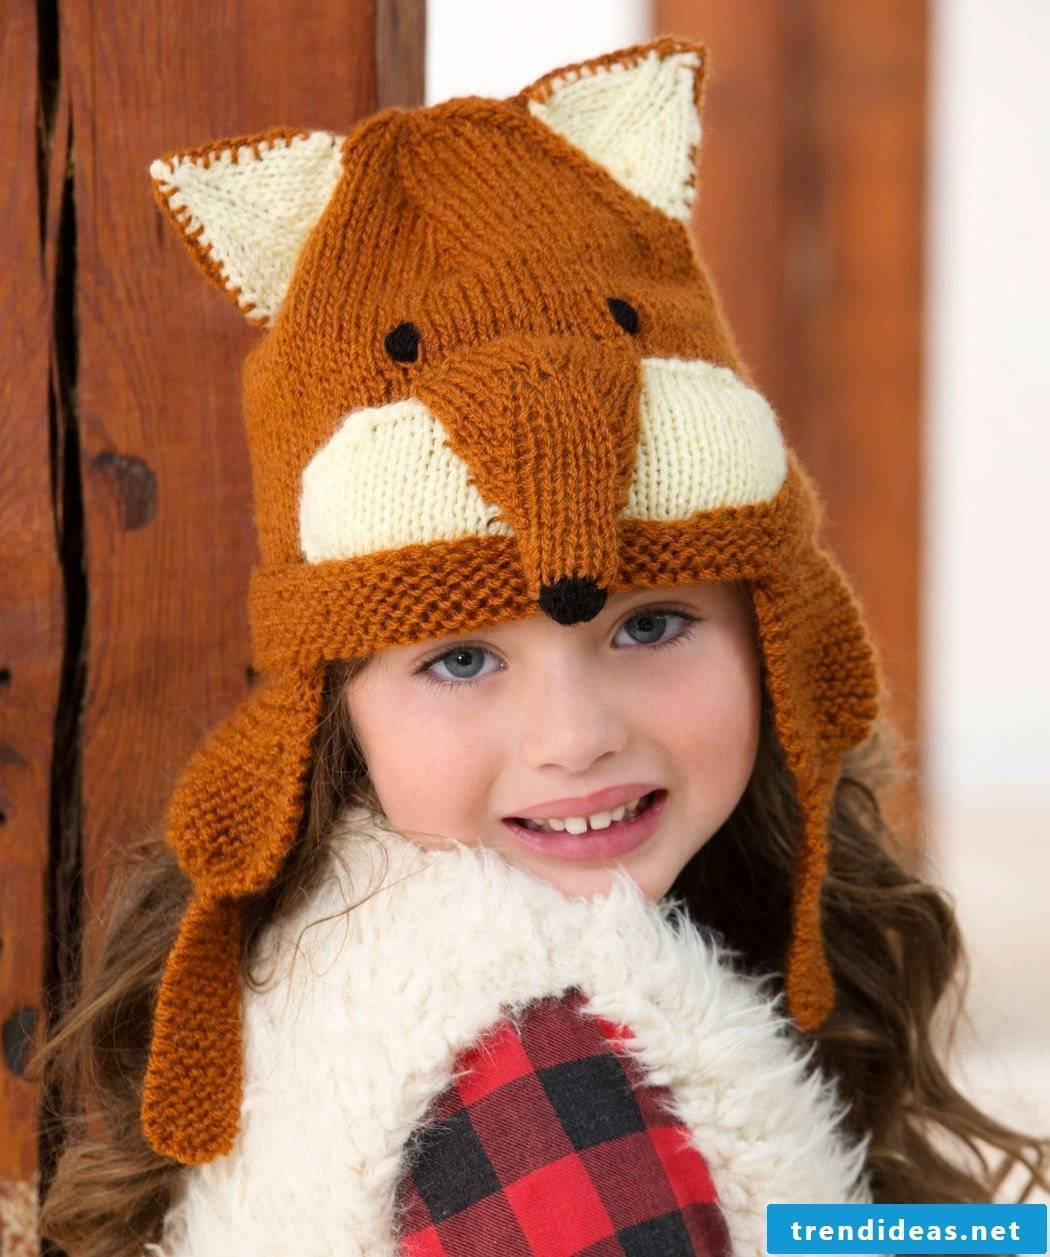 Fox hat for children